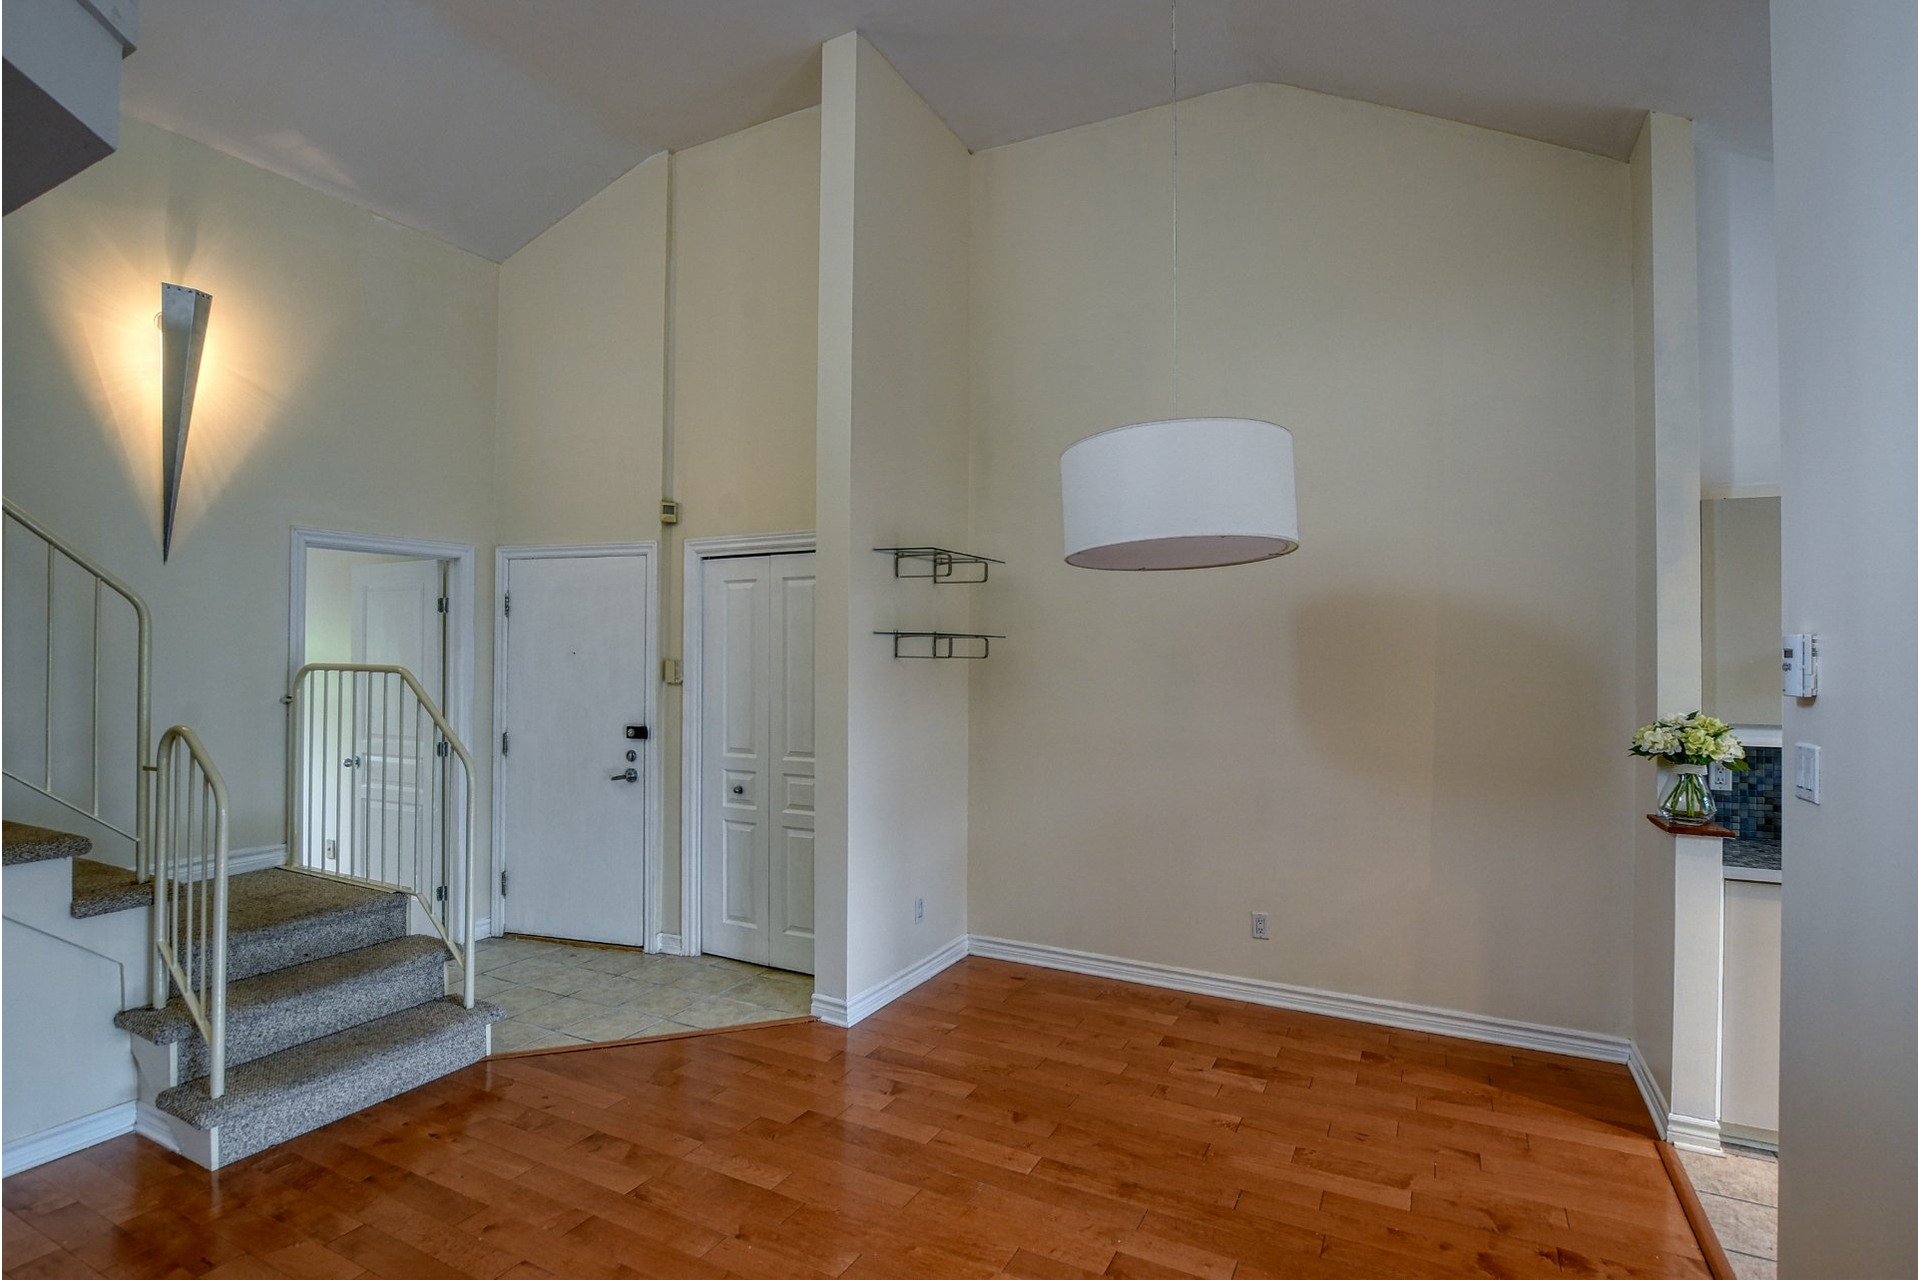 image 5 - Appartement À vendre Verdun/Île-des-Soeurs Montréal  - 8 pièces